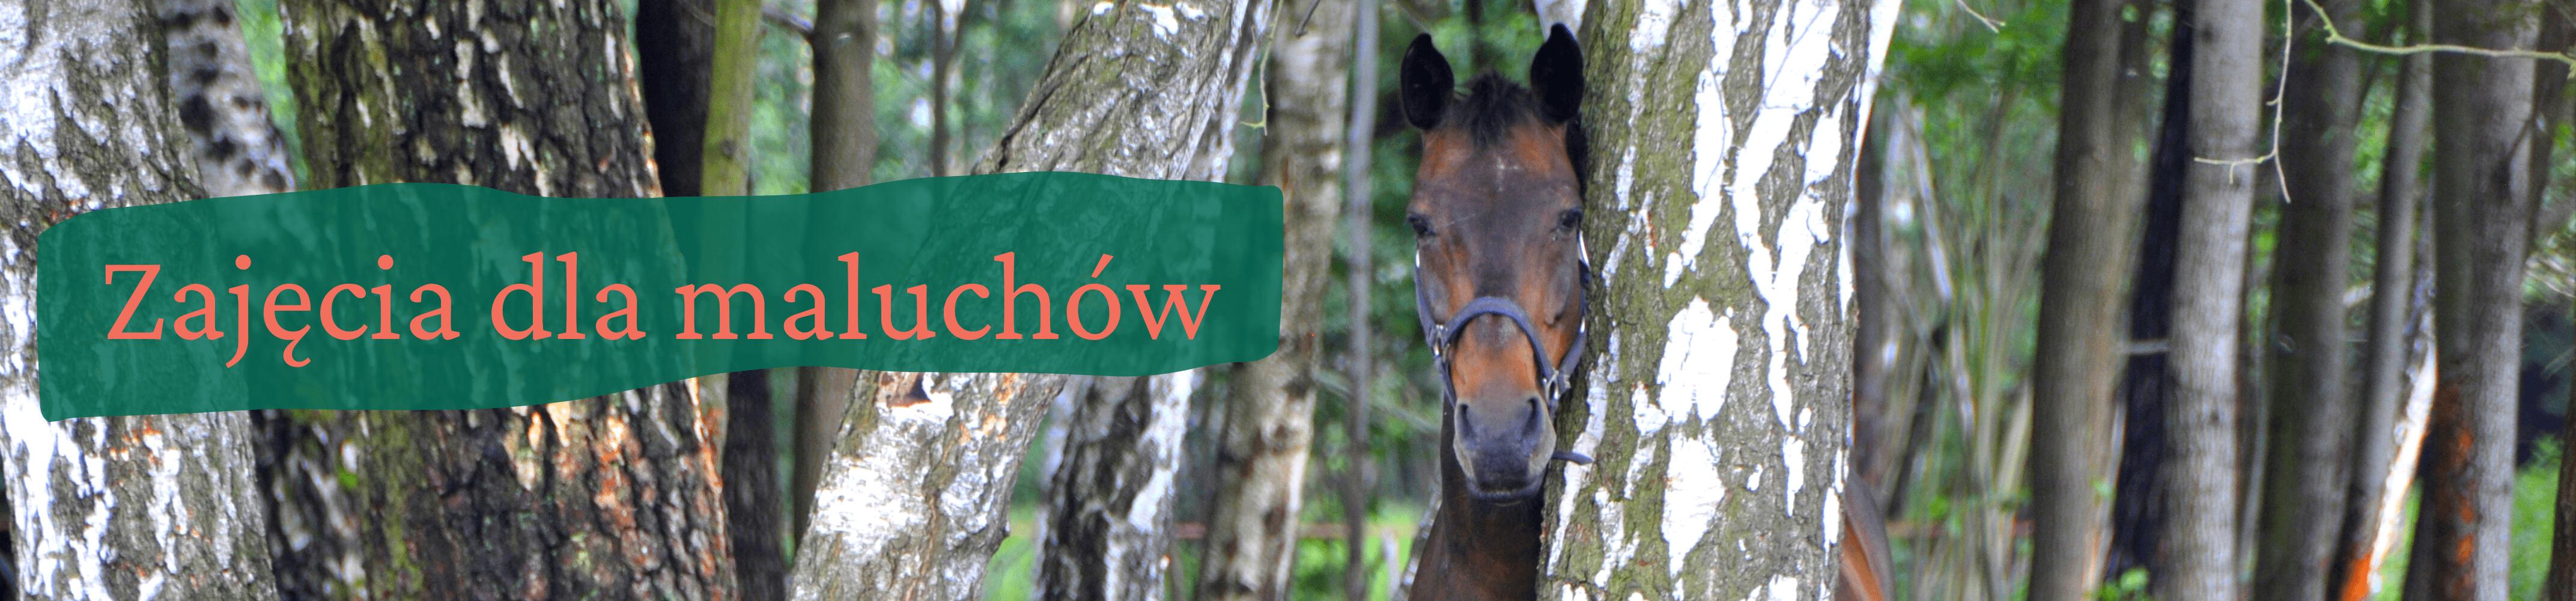 Portret gniadego konia stojącego za brzozą. Z lewej strony napis zajęcia dla maluchów